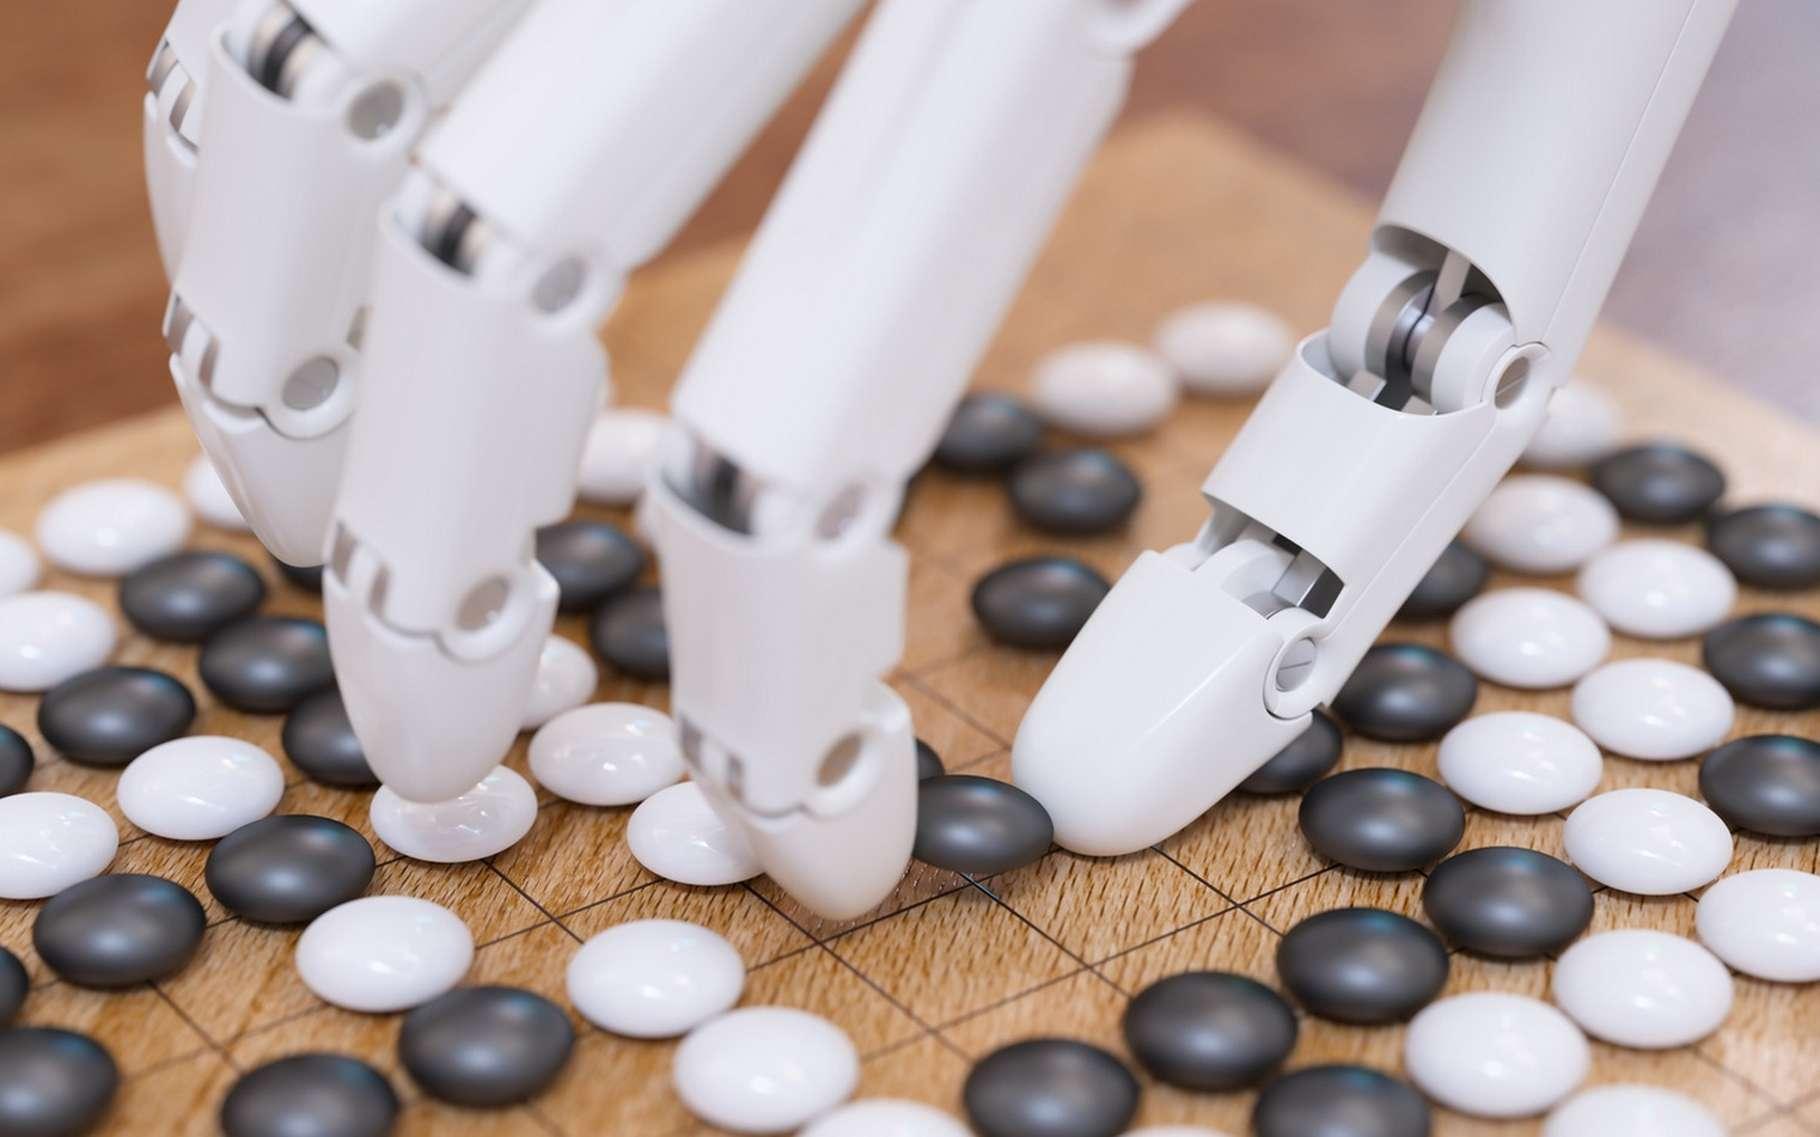 Le jeu de go était le dernier jeu de réflexion qui résistait encore aux algorithmes de calcul. Le programme d'intelligence AlphaGo a mis fin à la supériorité humaine. © Sergey, Fotolia